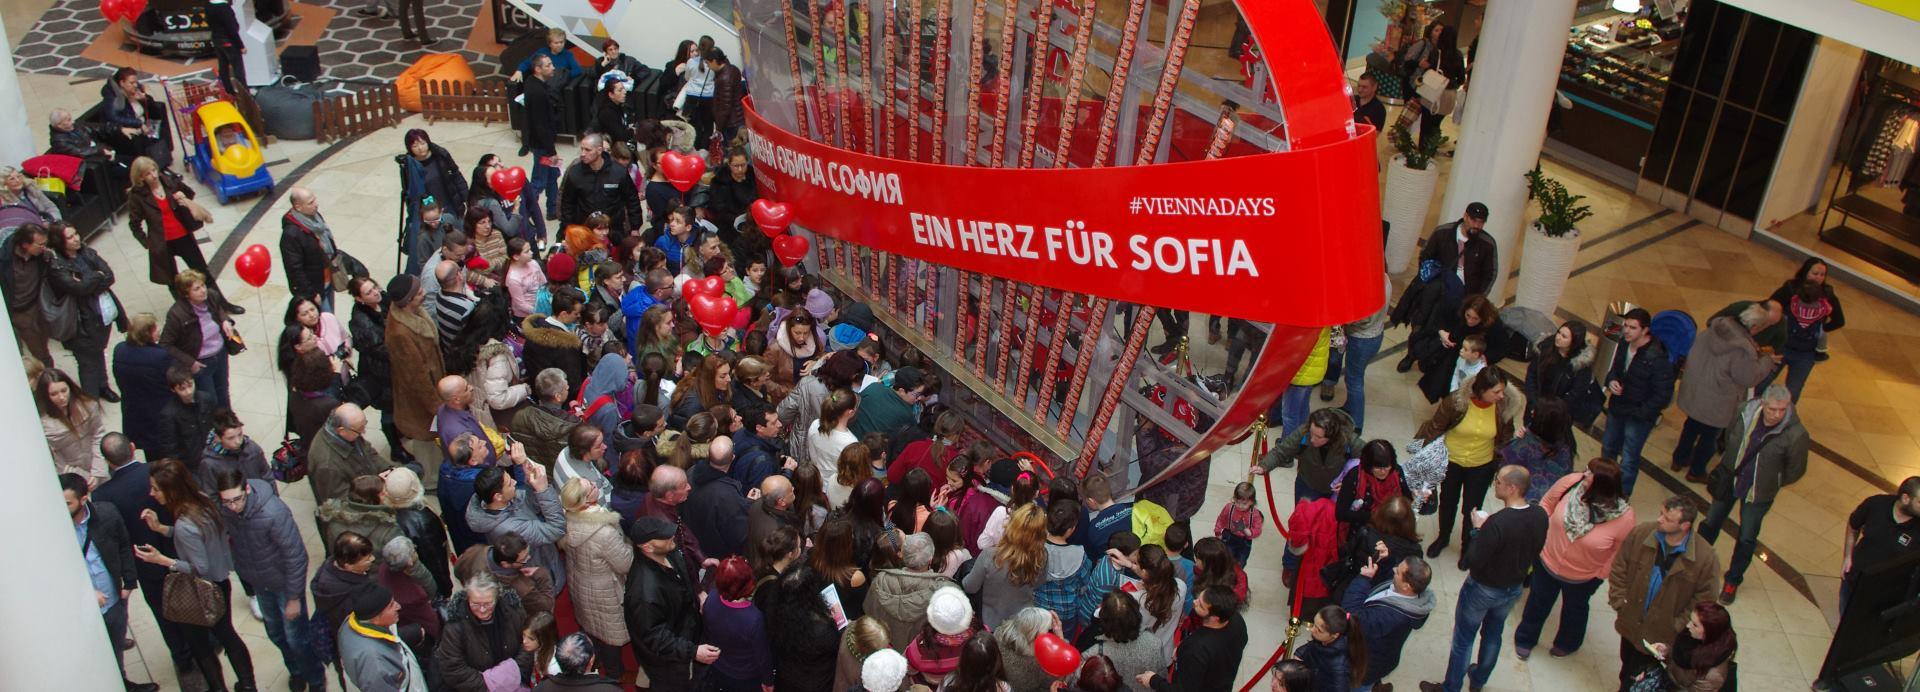 'Dani Beča' se održavaju u Sofiji, krajem godine manifestacija dolazi u Grad Zagreb